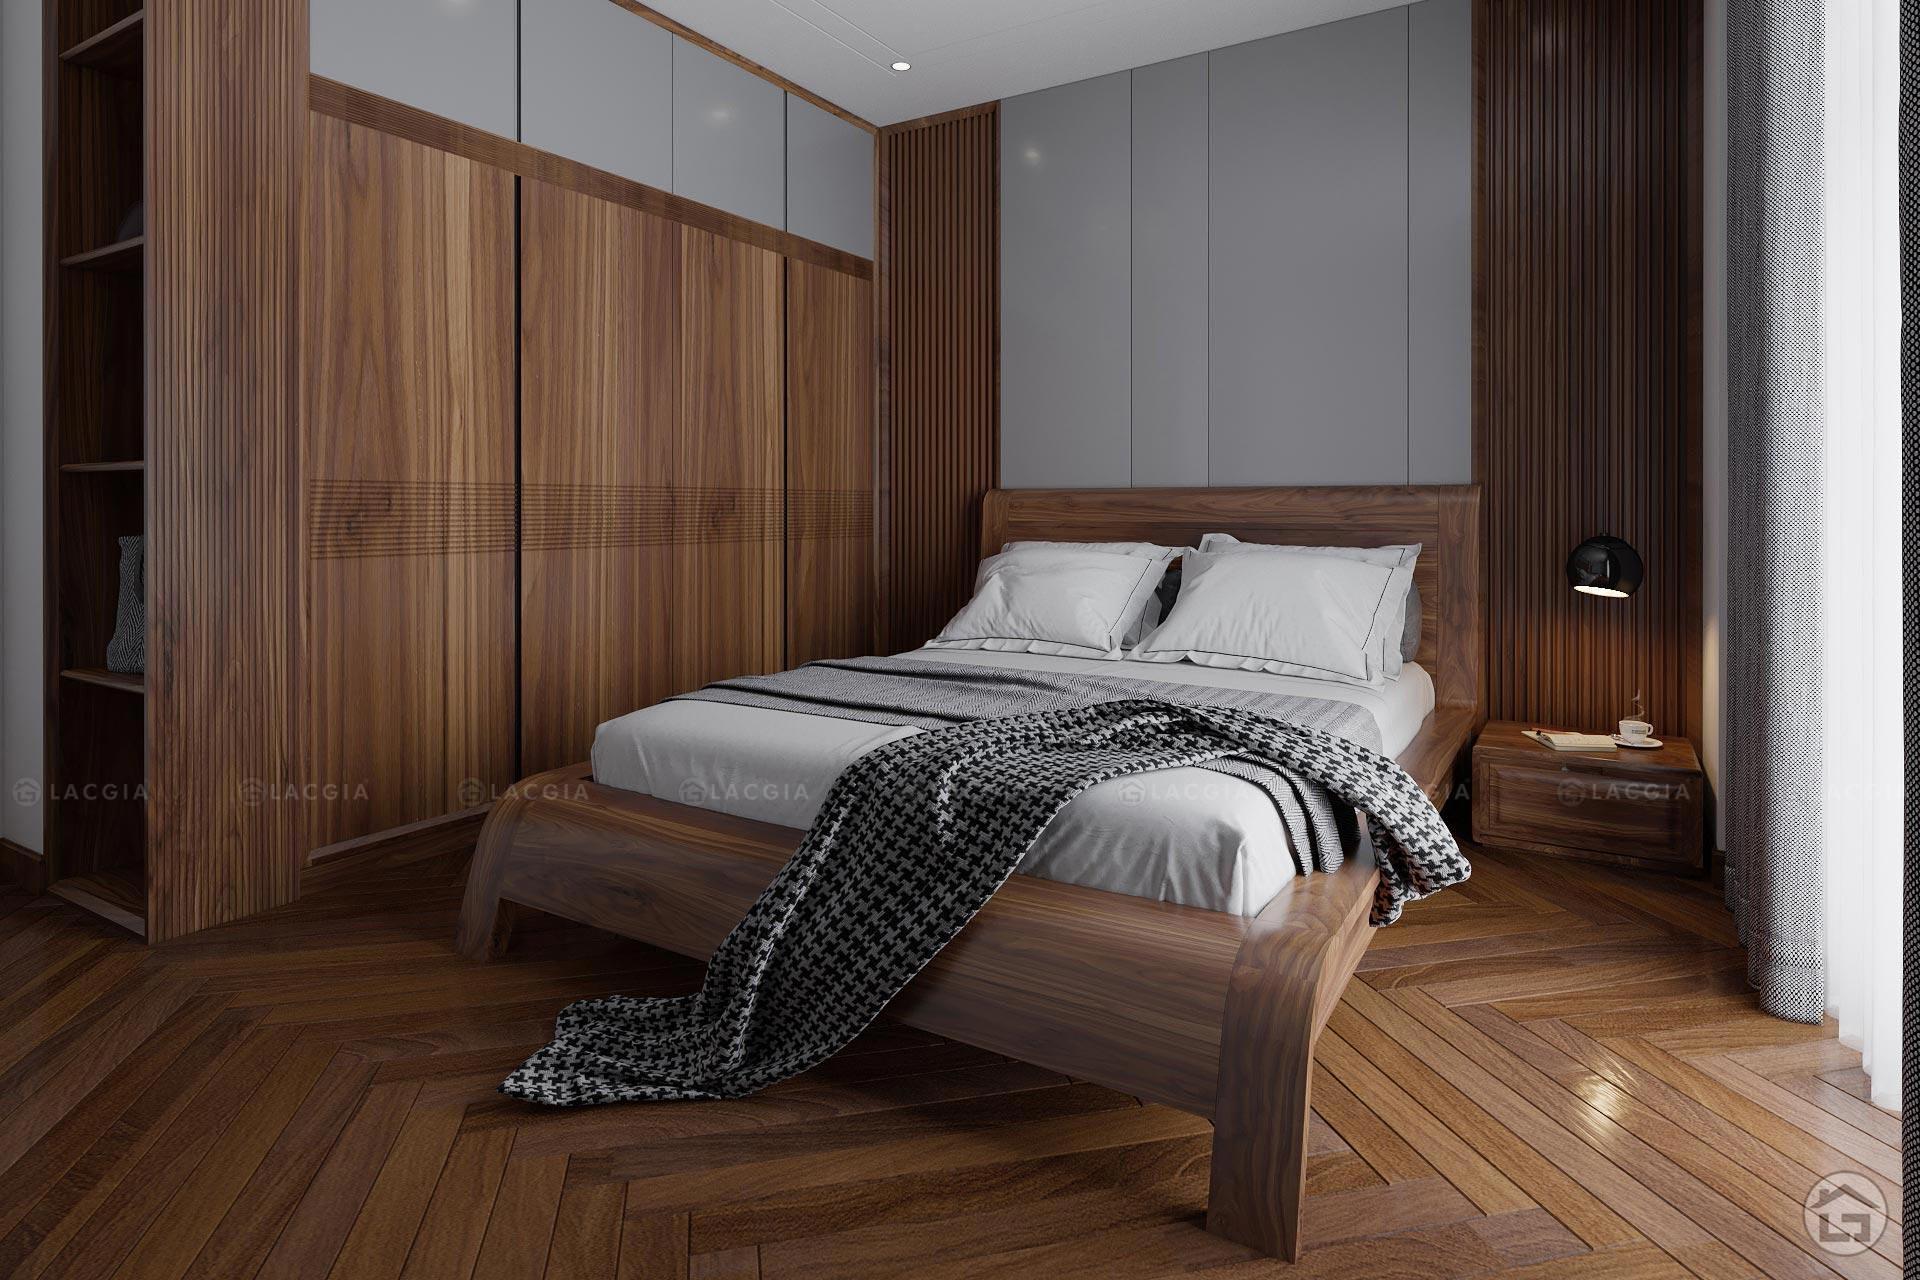 Giường ngủ gỗ hiện đại GN13 cho phòng ngủ sang trọng